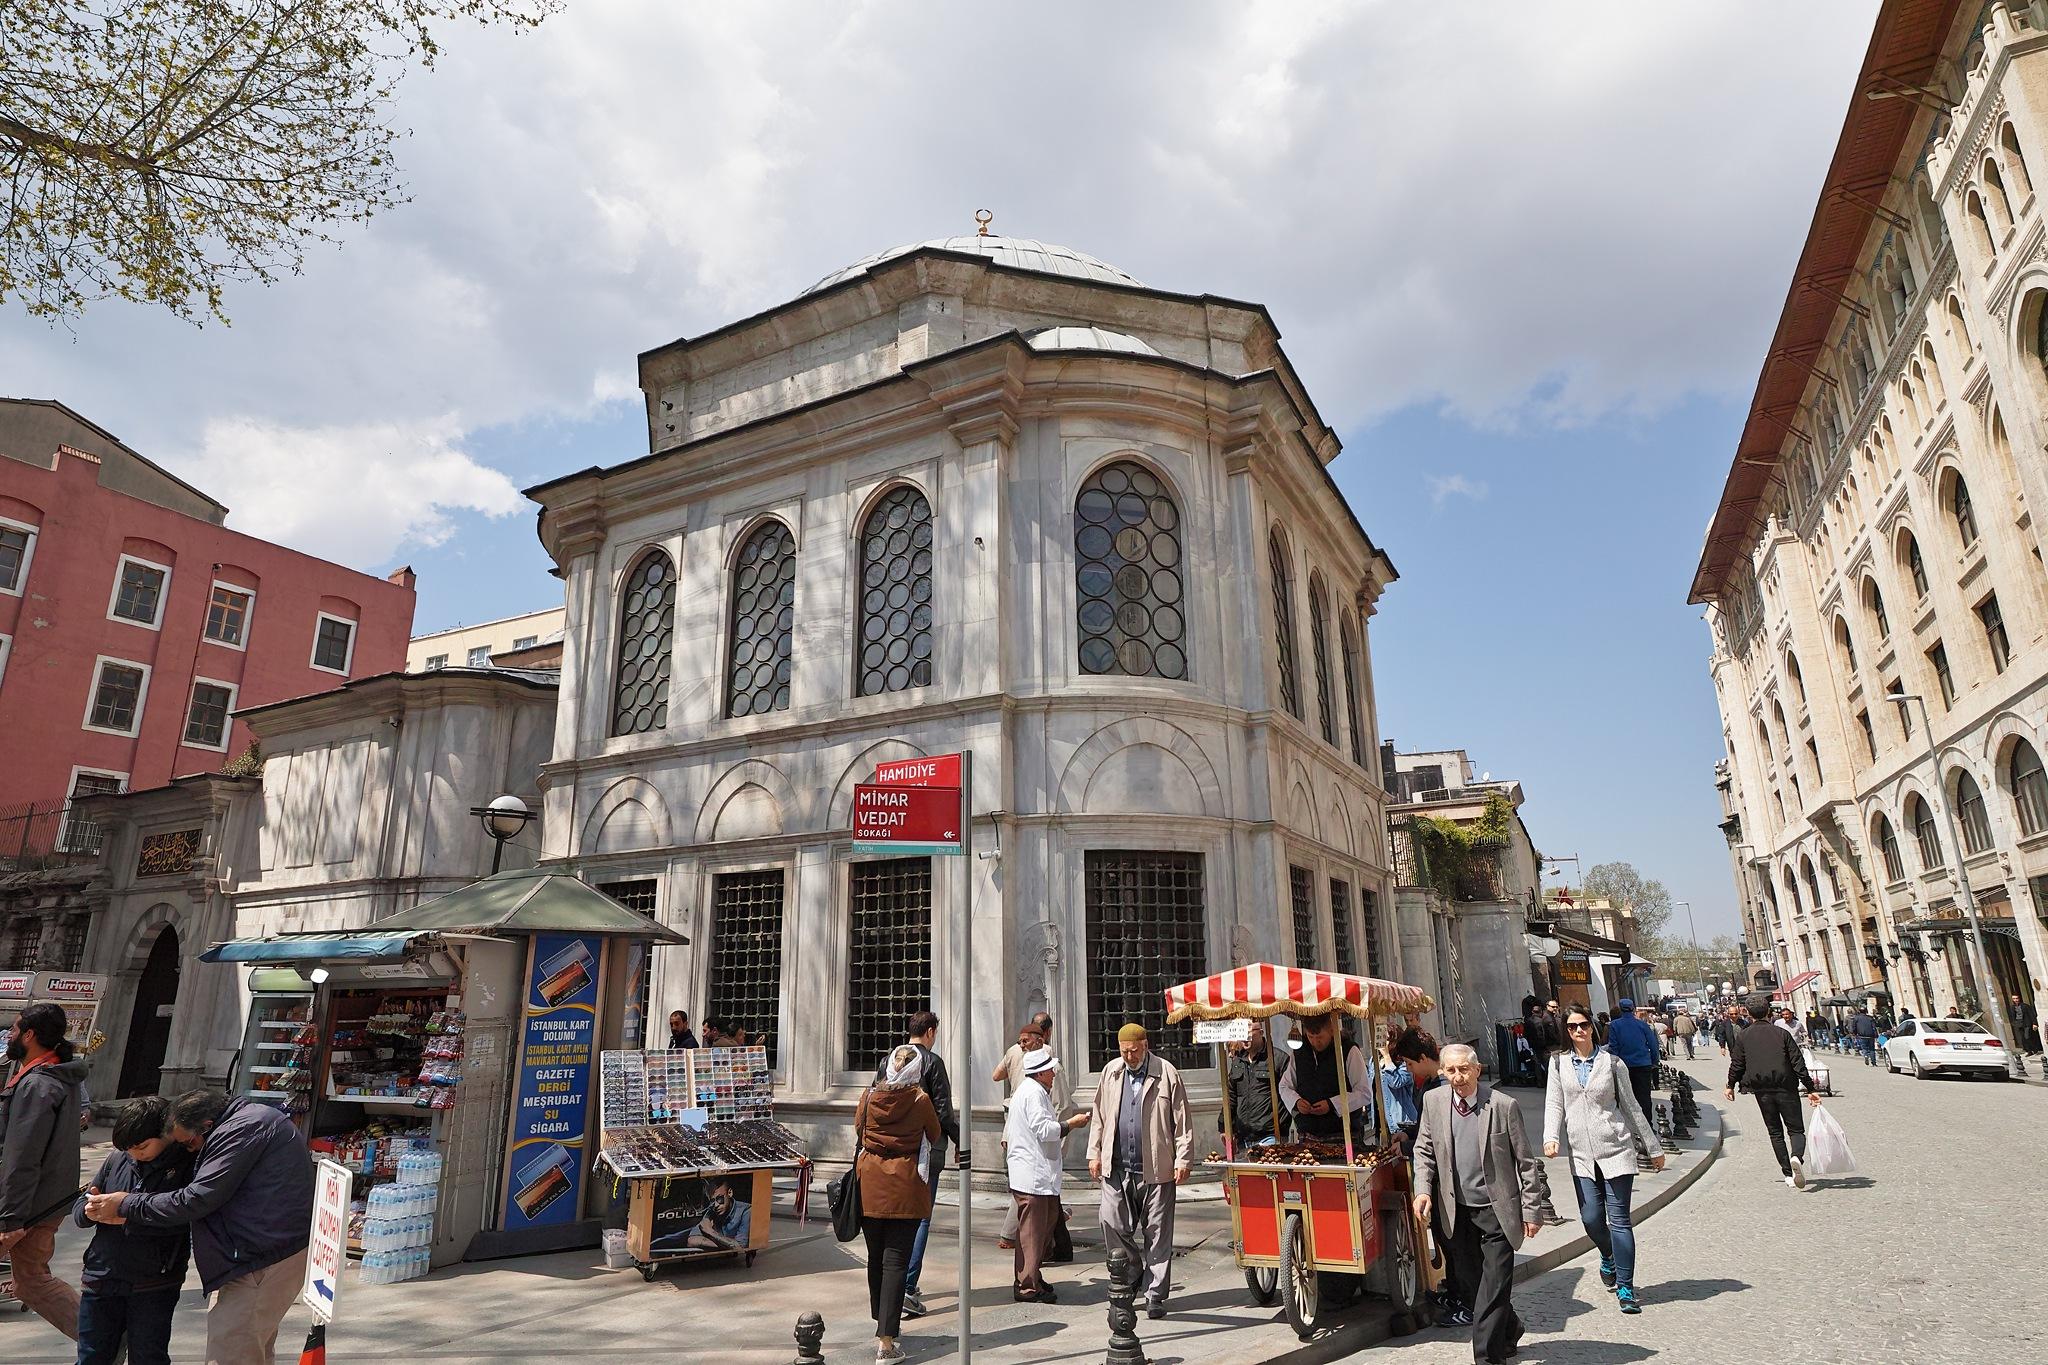 Street scene by Osman Tümay